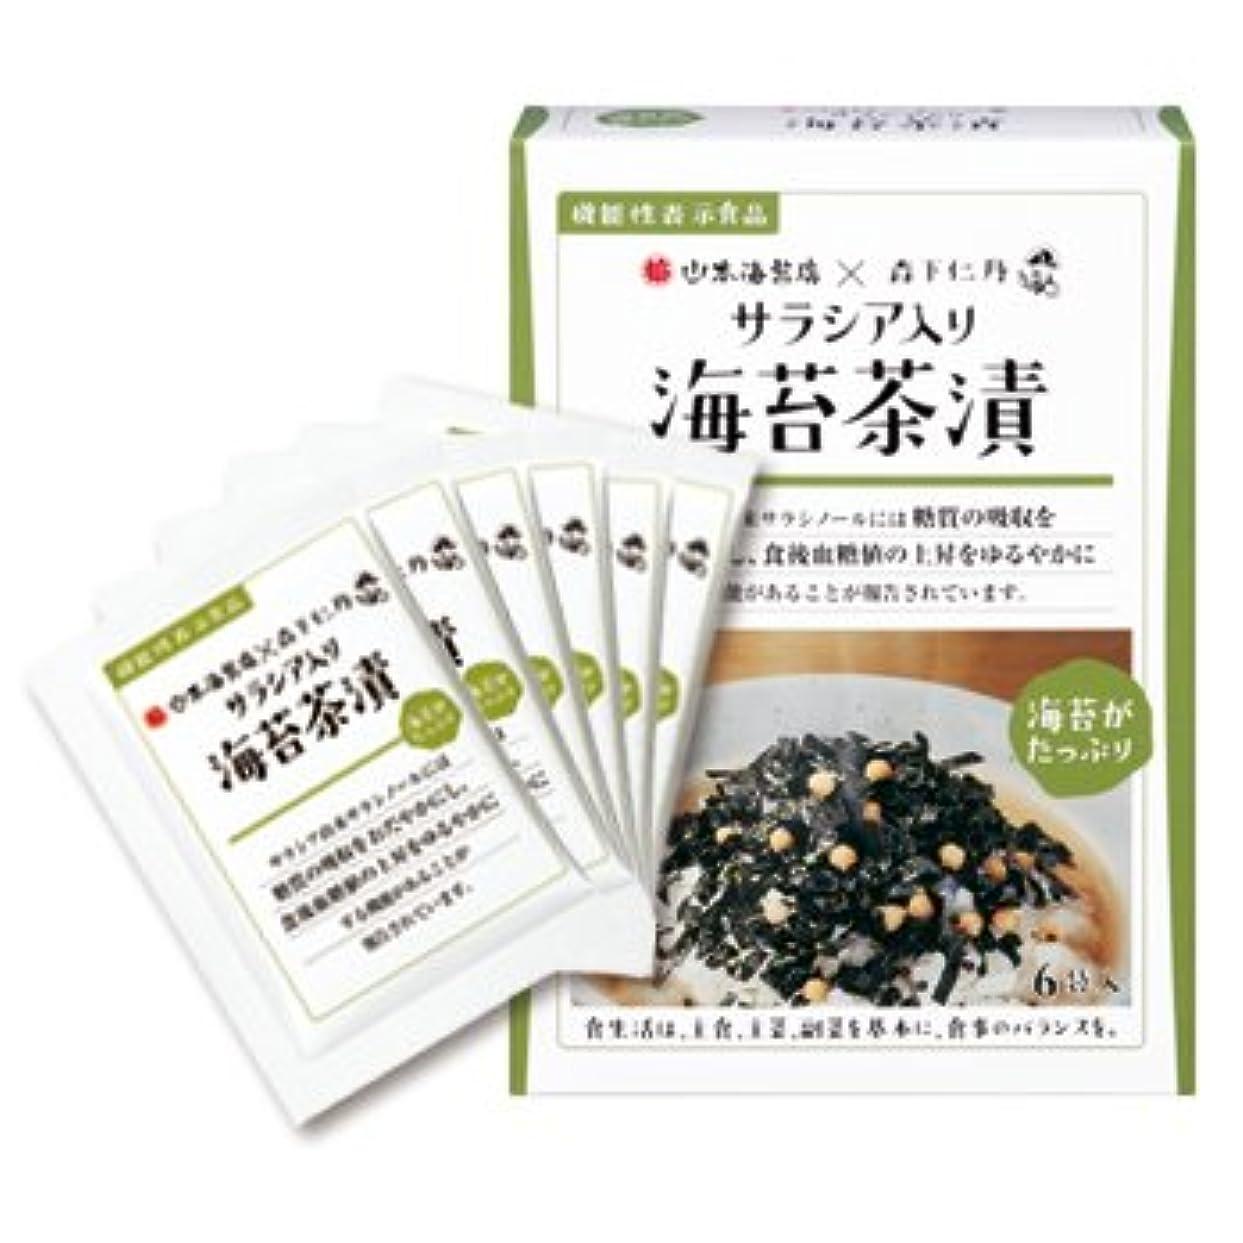 バウンド群れ儀式海苔茶漬 サラシア入り 1箱(6袋入) [機能性表示食品]